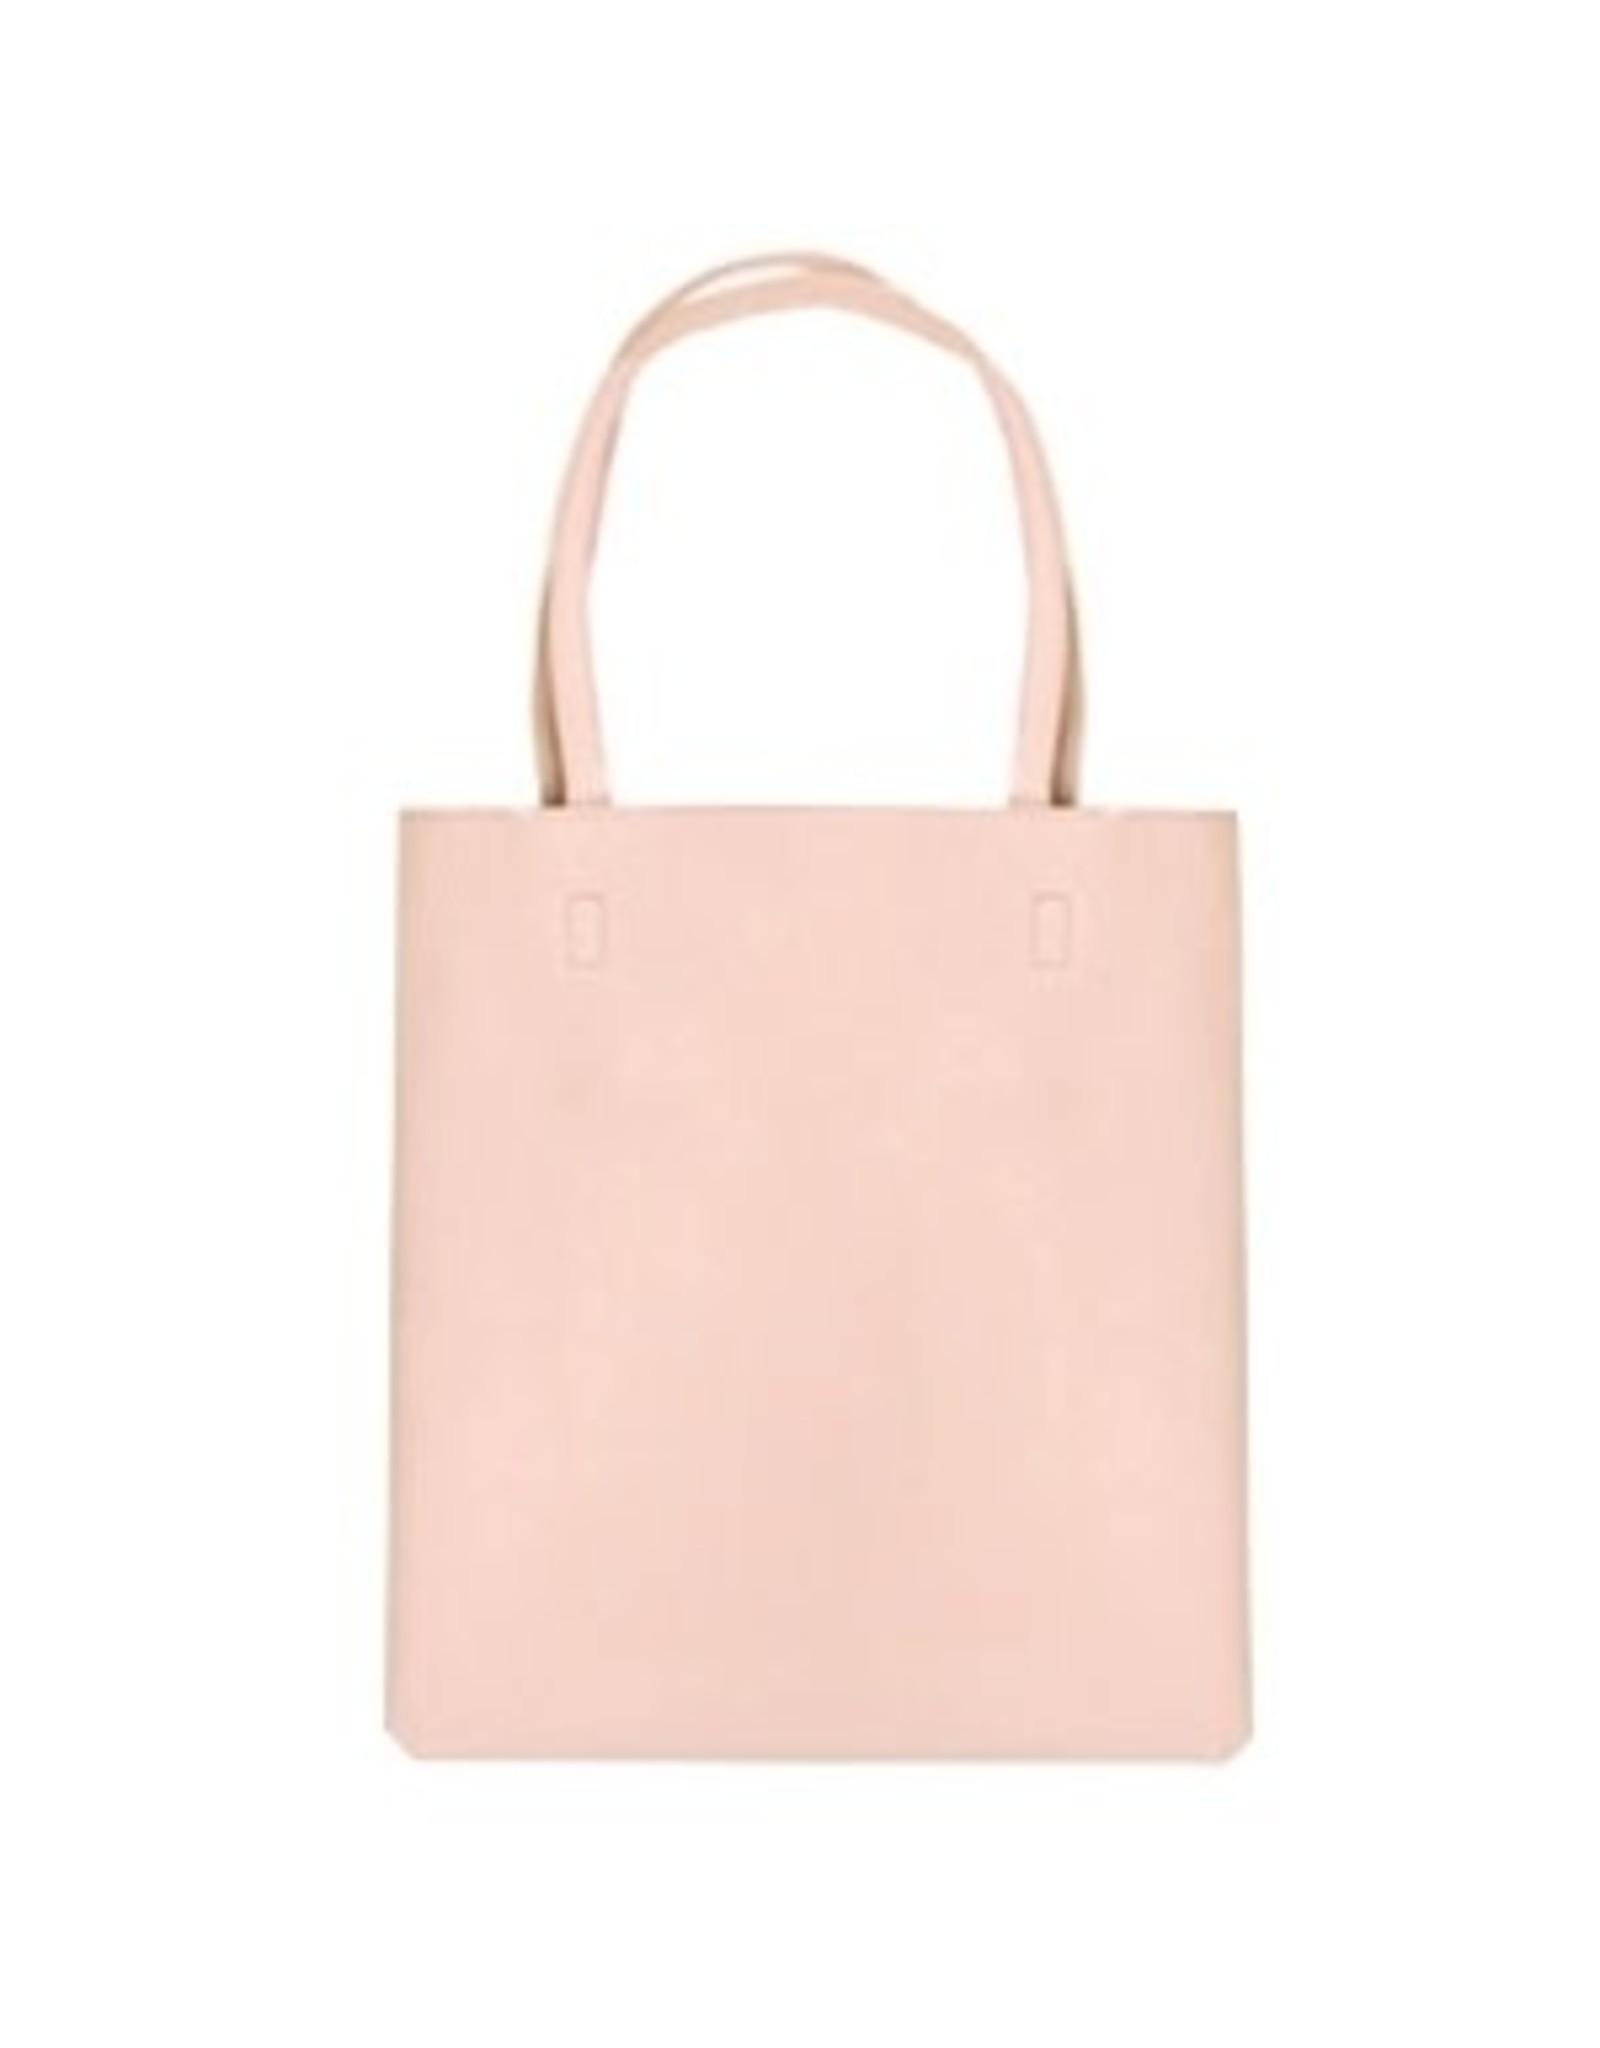 Shopper rits oud roze